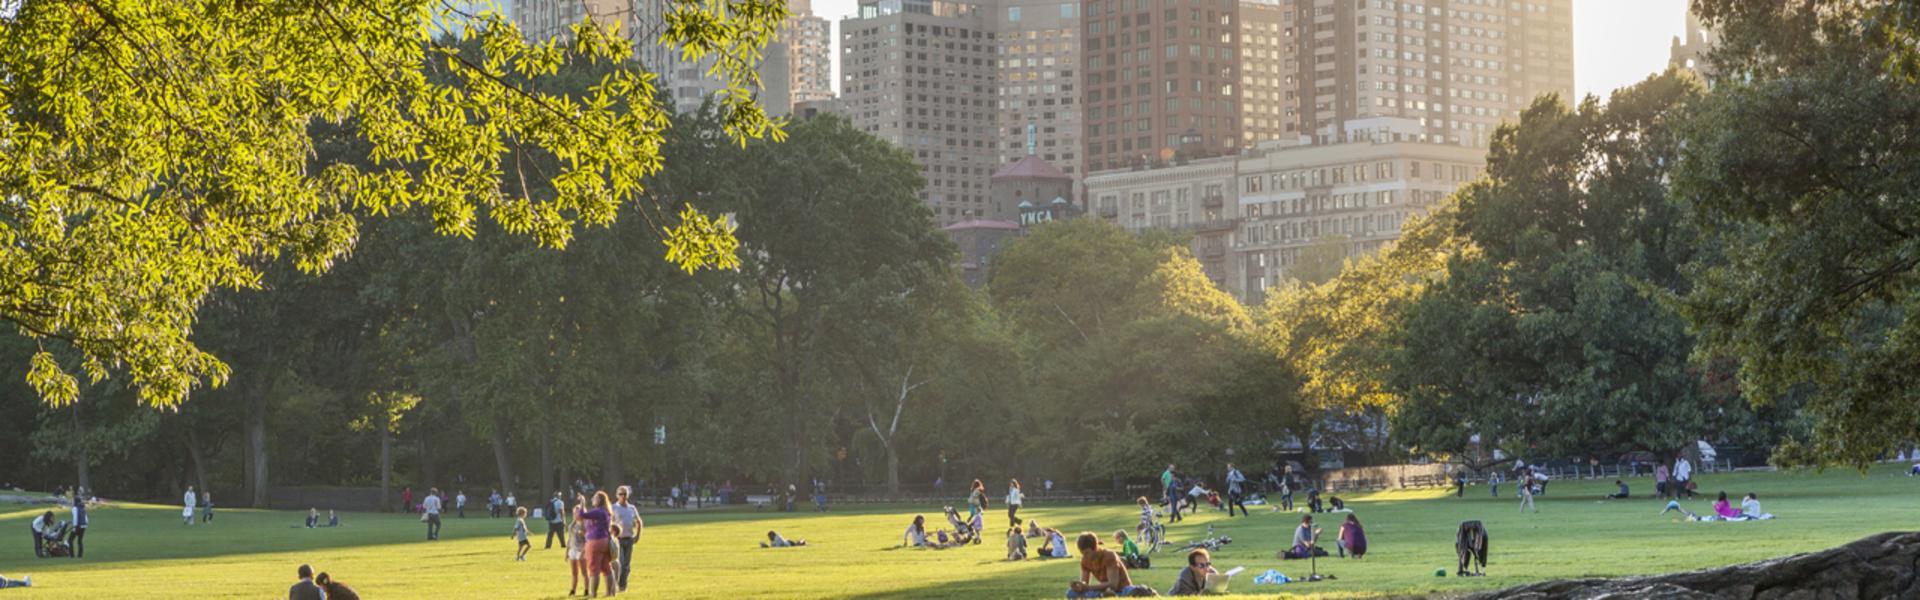 Central-Park-Manhattan-NYC-Marley-White-8693